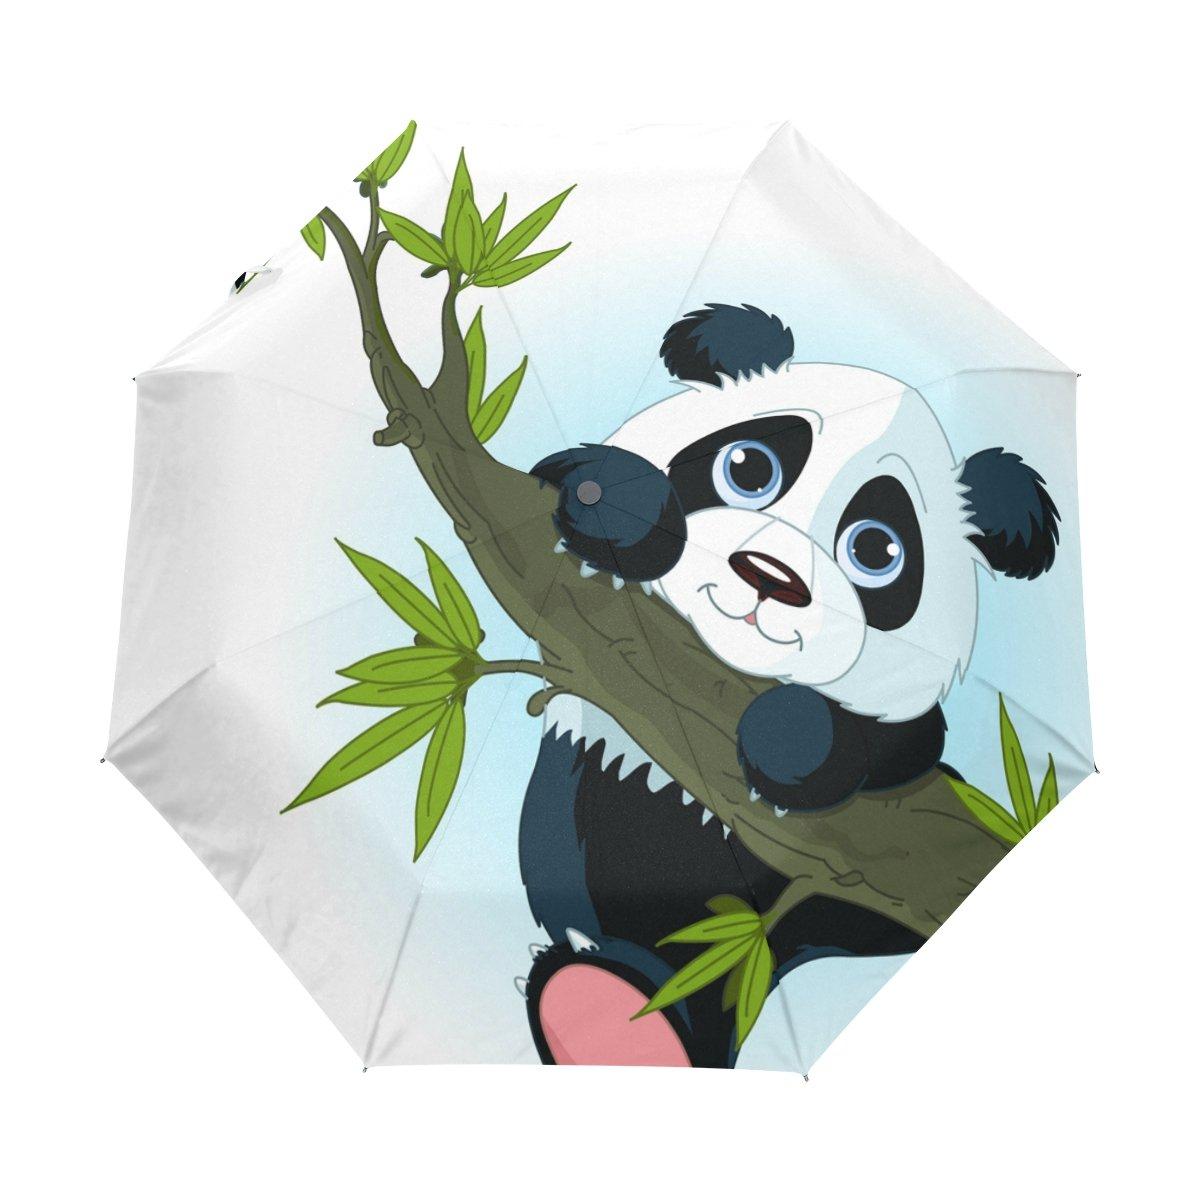 COOSUN Panda gigante Árbol que sube automático 3 plegable del paraguas del parasol Color # 001: Amazon.es: Equipaje